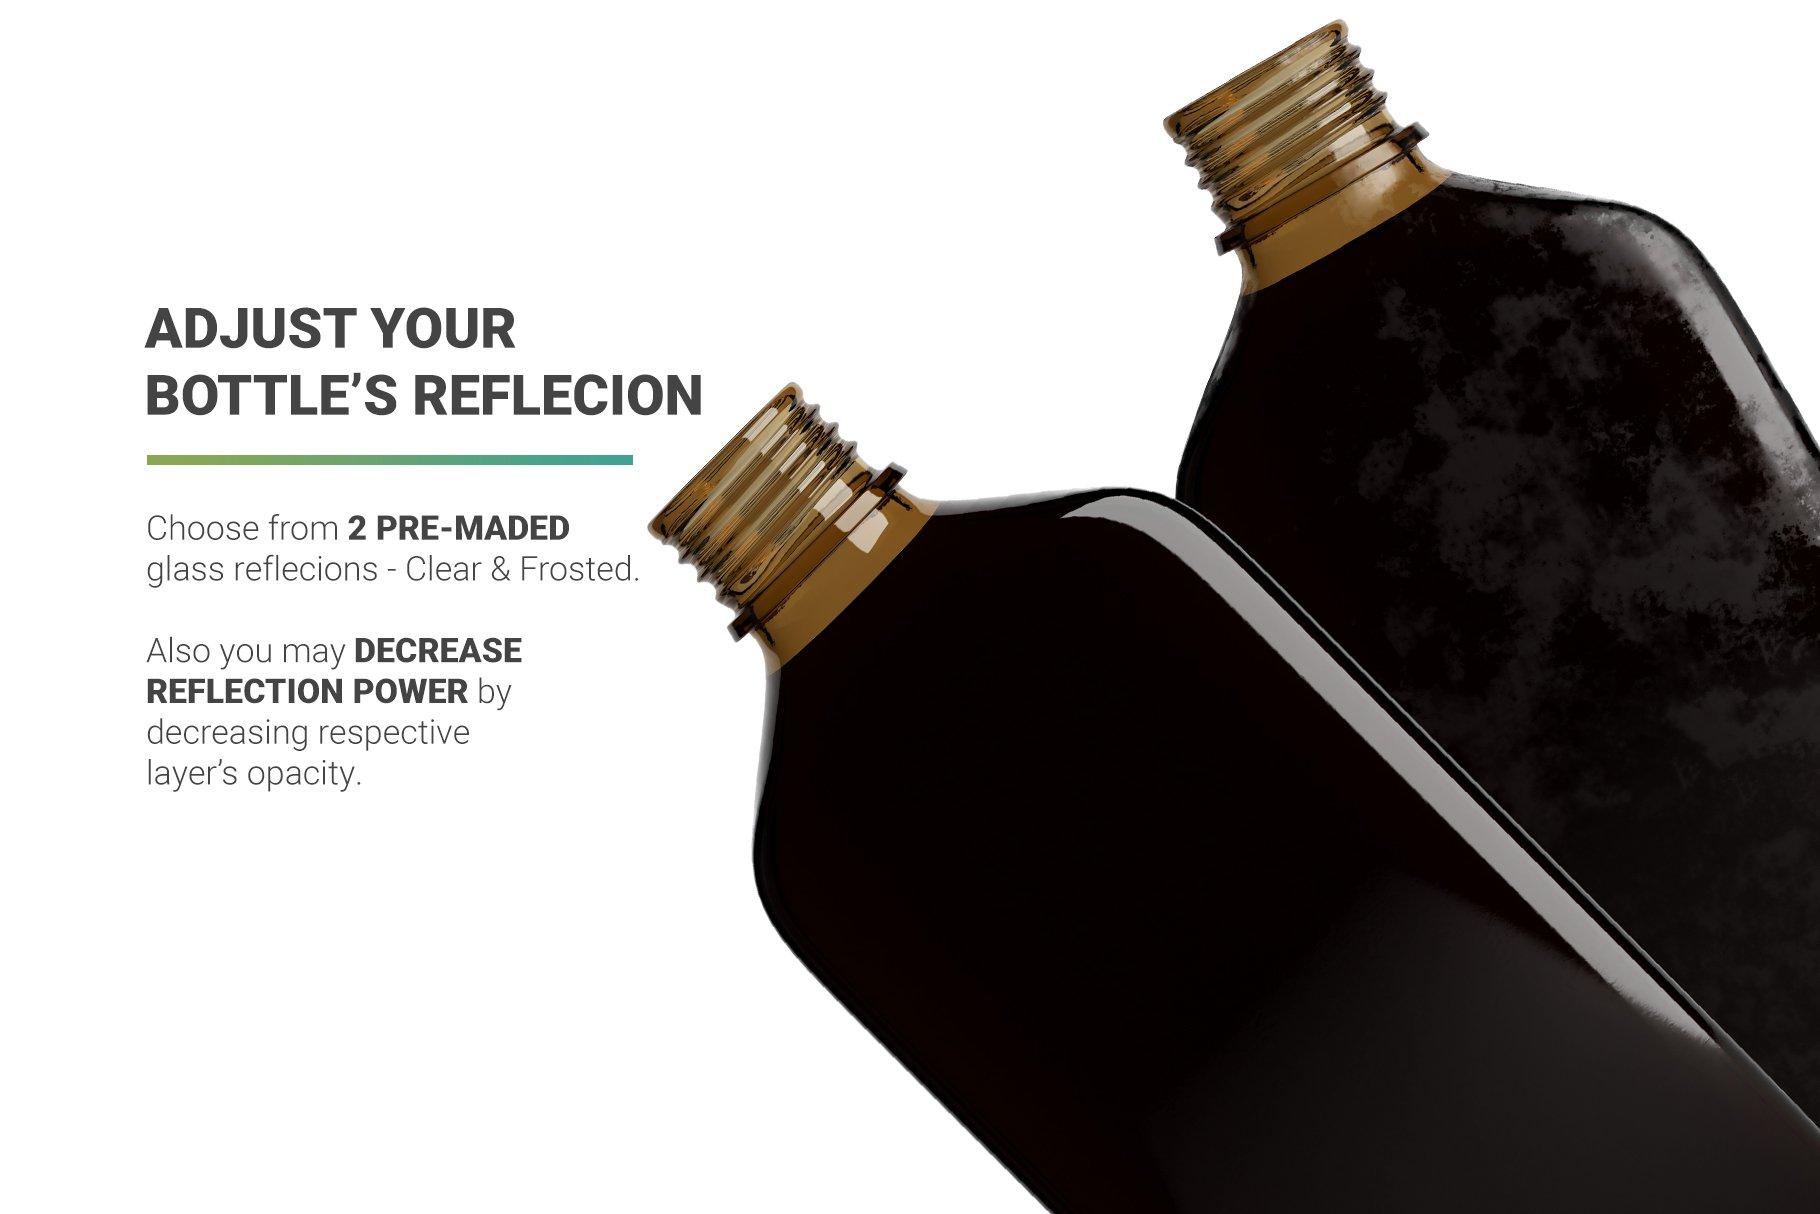 冷冲泡咖啡玻璃瓶标签设计展示贴图样机 Coffee Bottle Mockup插图4